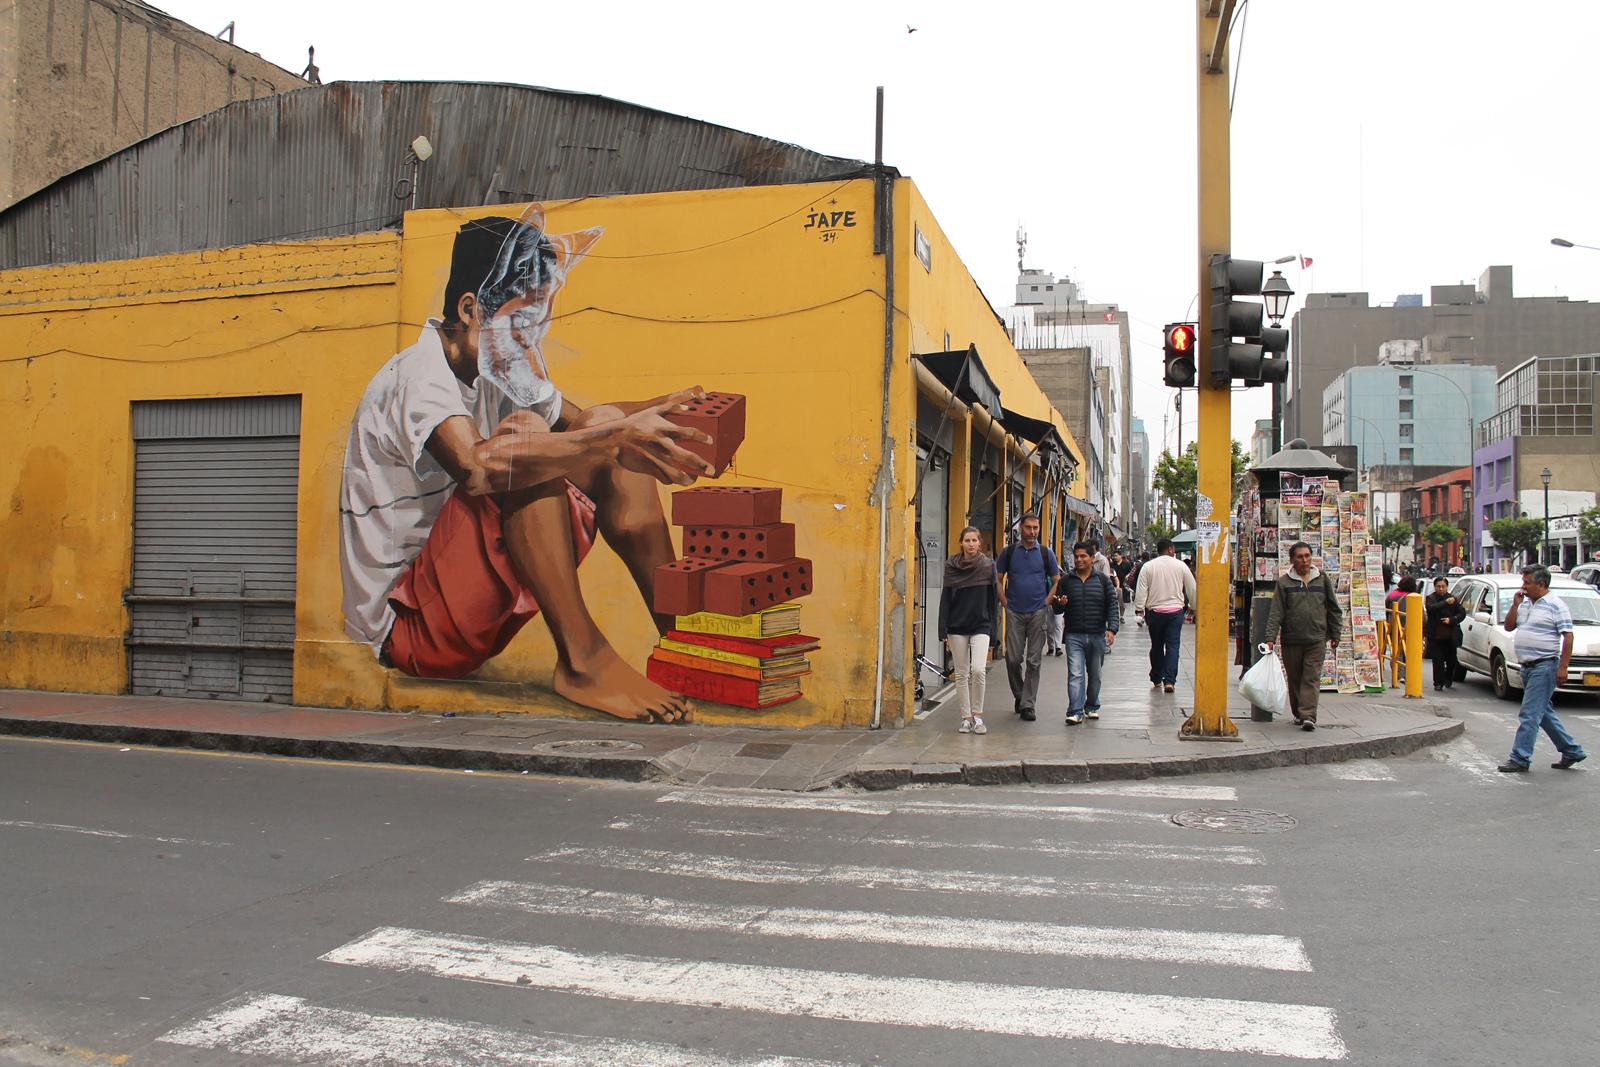 jade-el-sol-amarillo-que-todos-conoscemos-new-mural-03